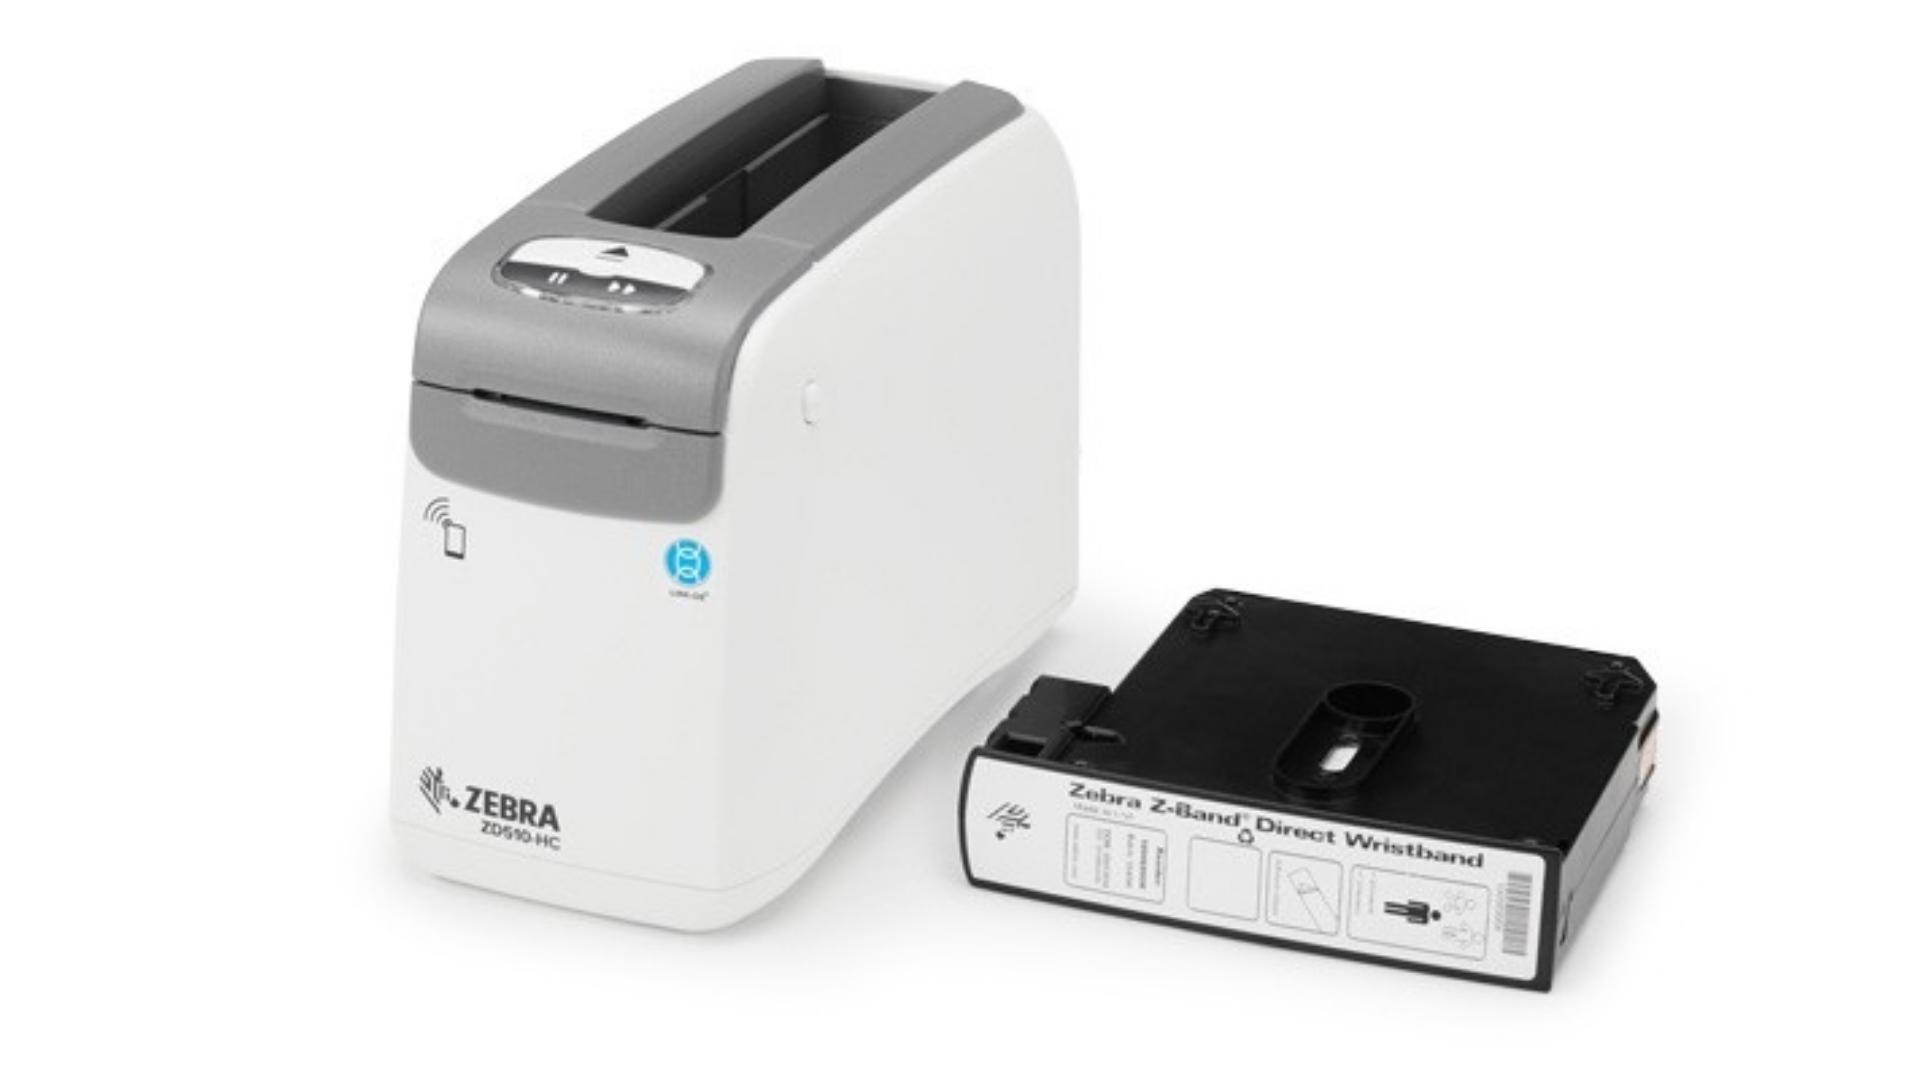 Impressora Zebra ZD510 ao lado da estrutura que acopla as pulseiras, ambas em fundo branco.